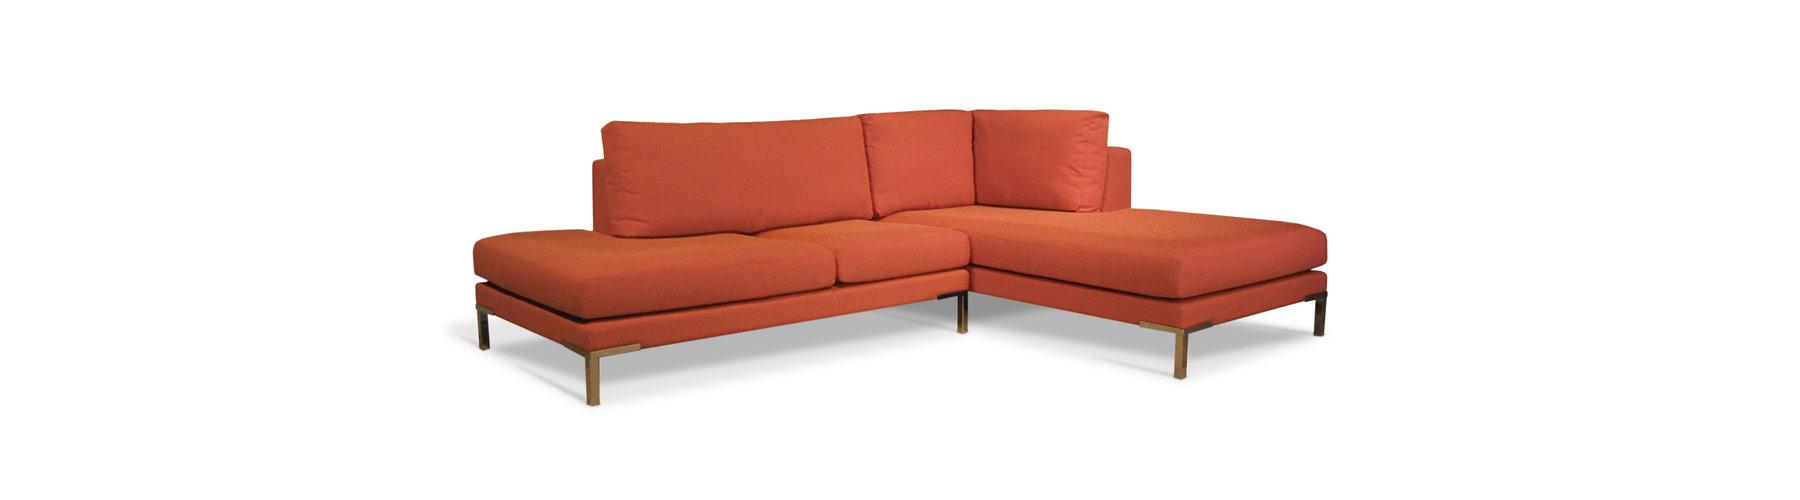 Vivianne orange - Modulaire William